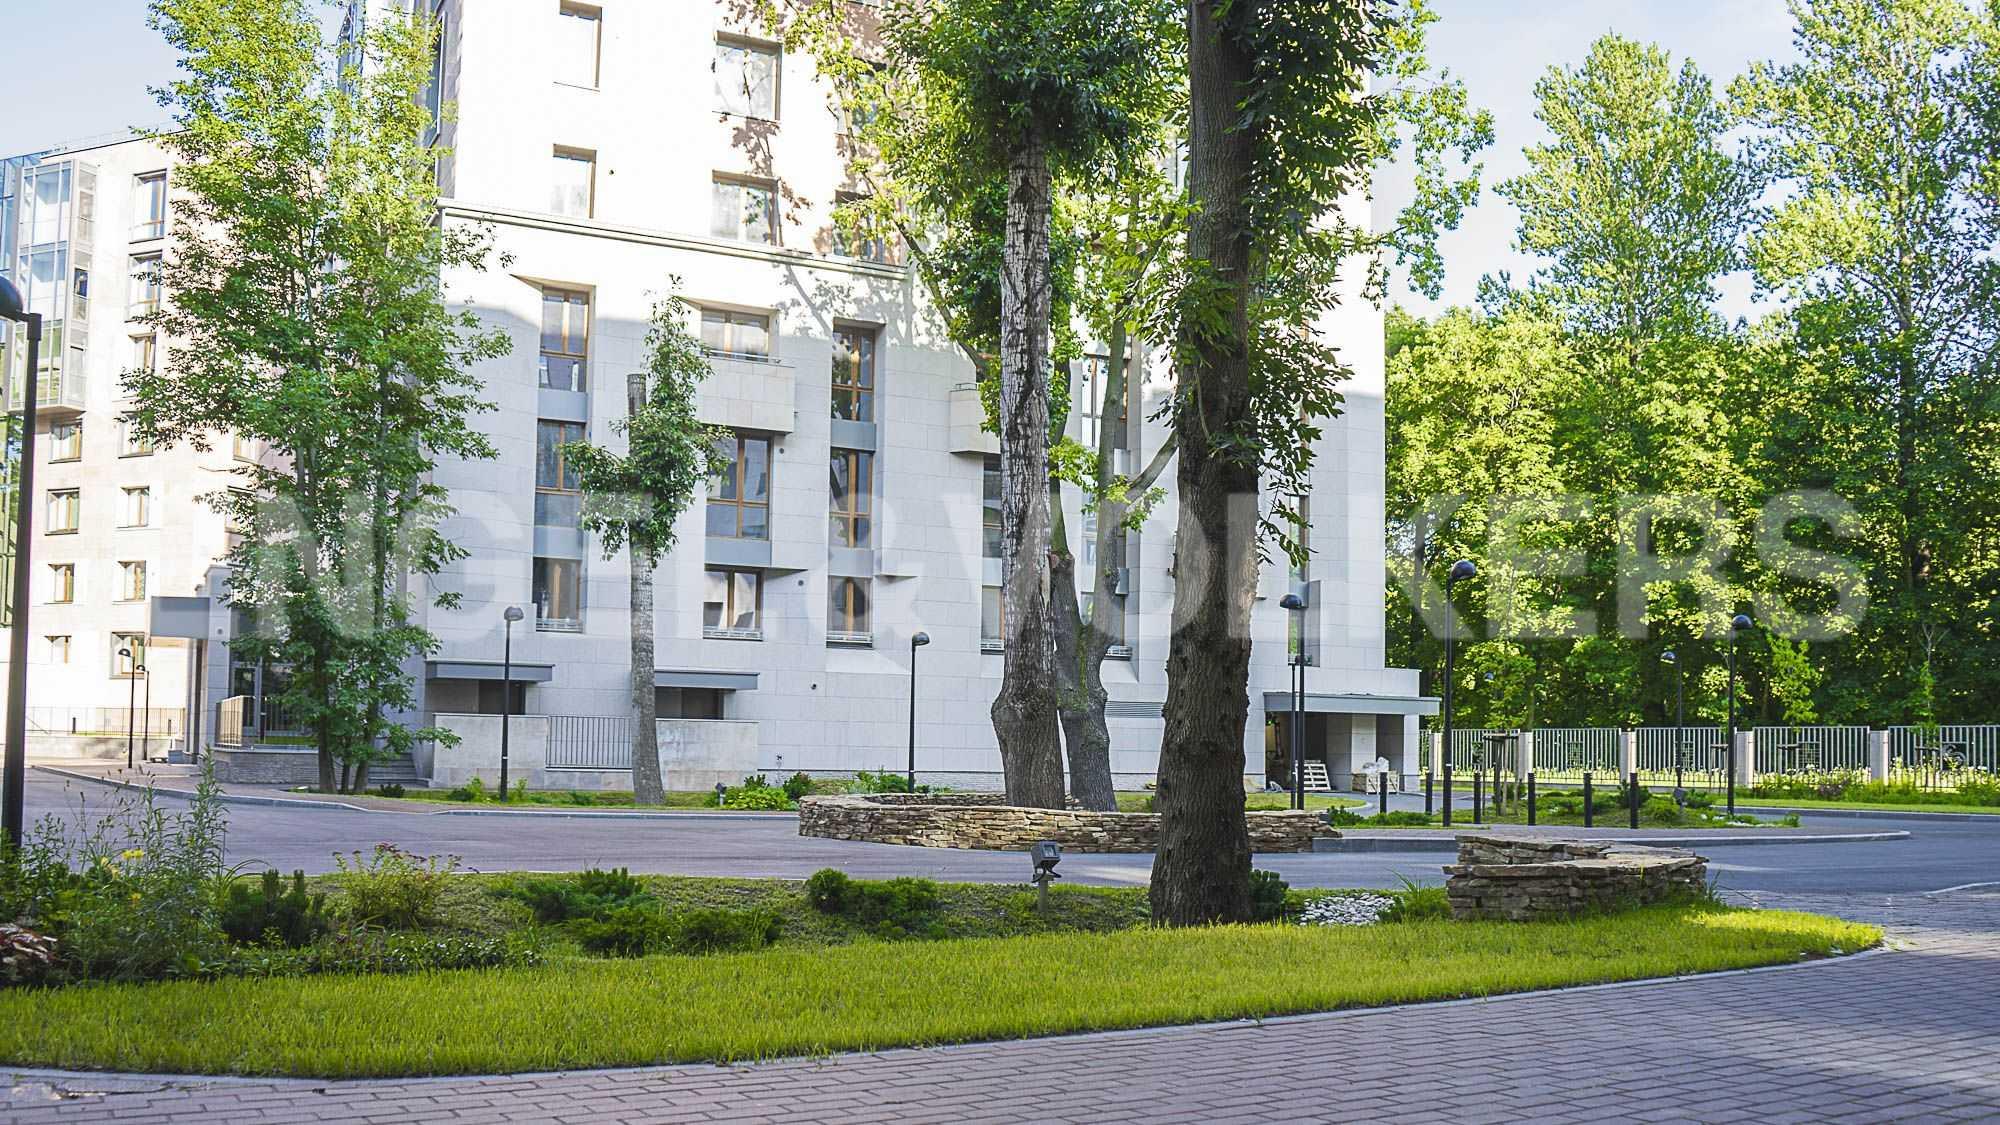 Элитные квартиры в Центральном районе. Санкт-Петербург, Смольная наб.,8. Внутренняя территория комплекса